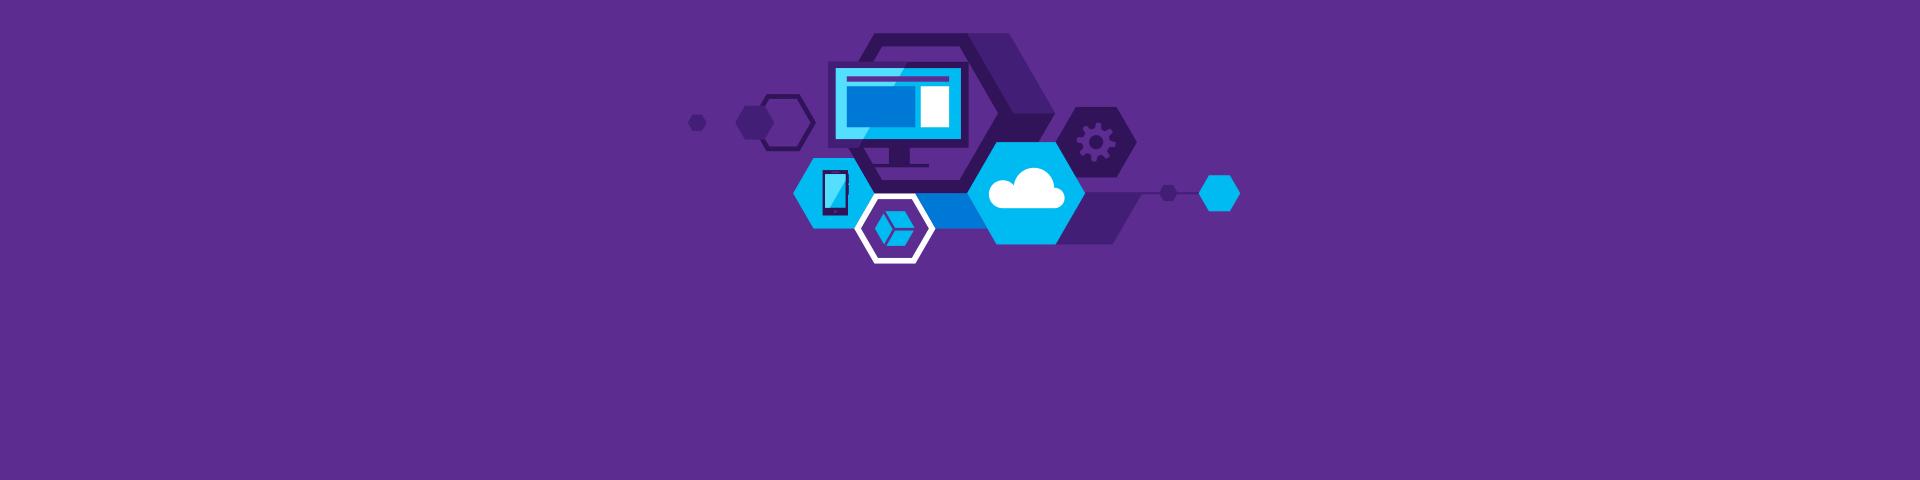 Ikoner för dator, telefon och molnet med mera